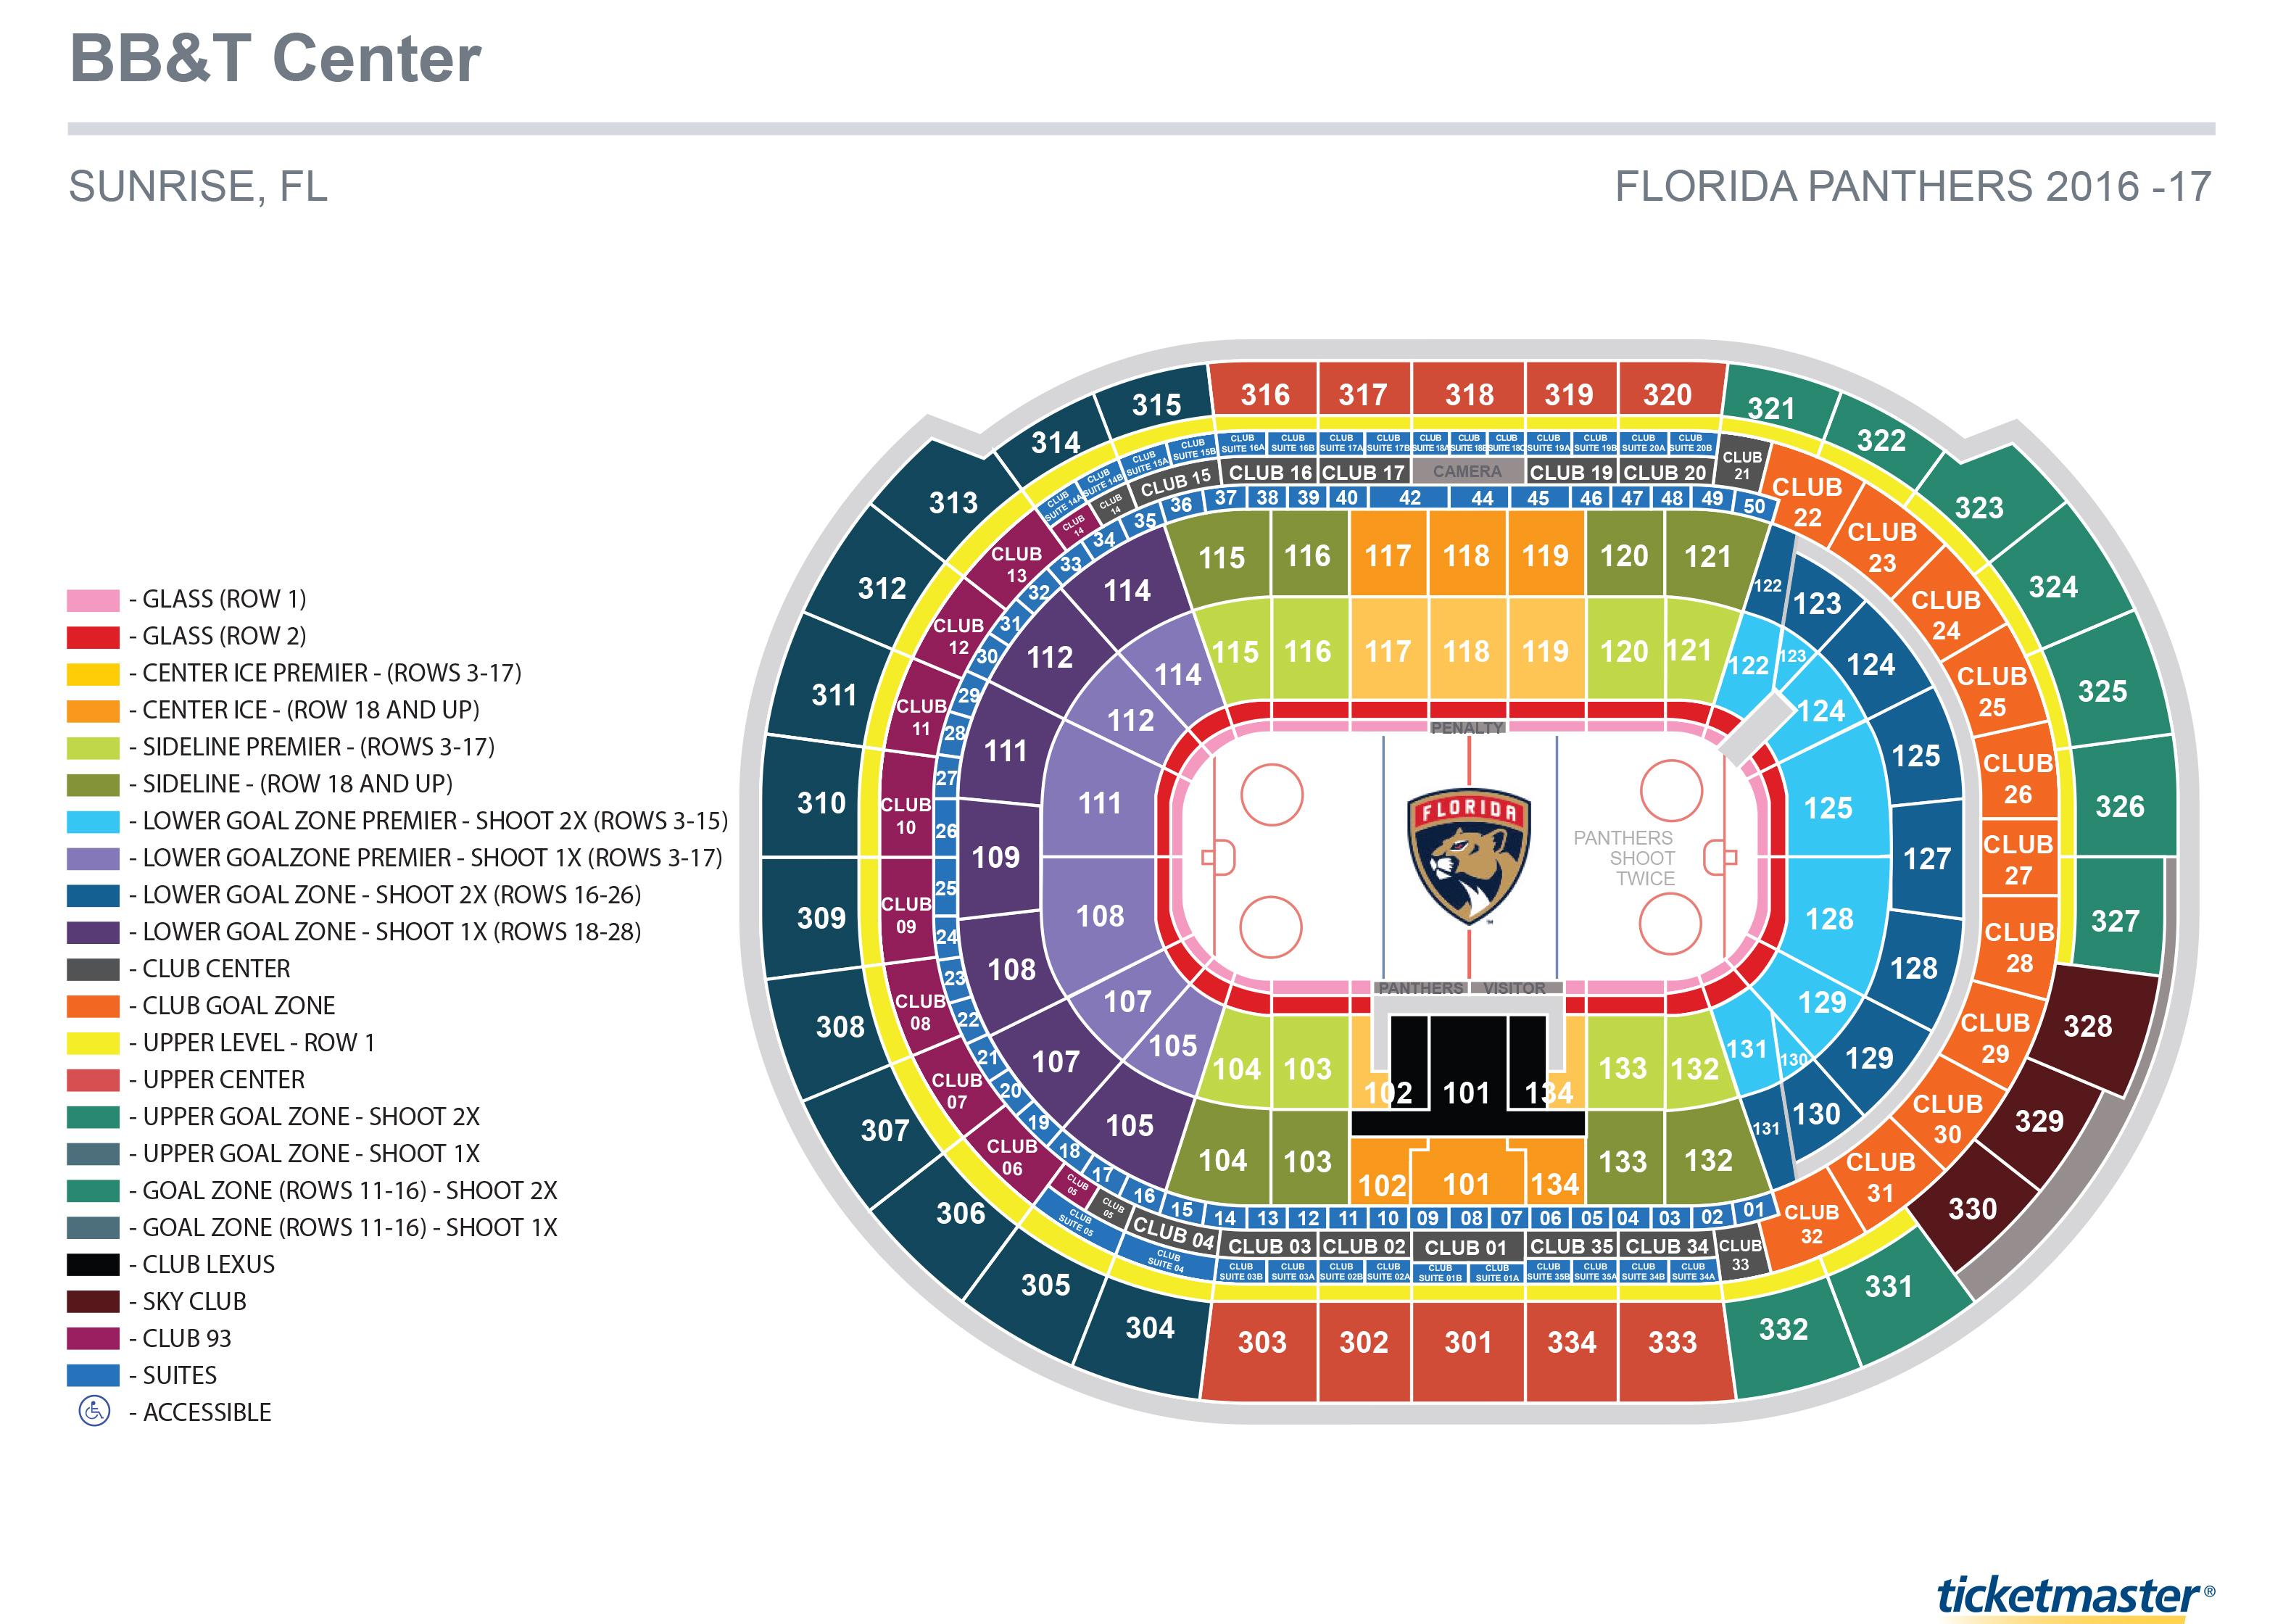 bb&t center seating | Brokeasshome.com